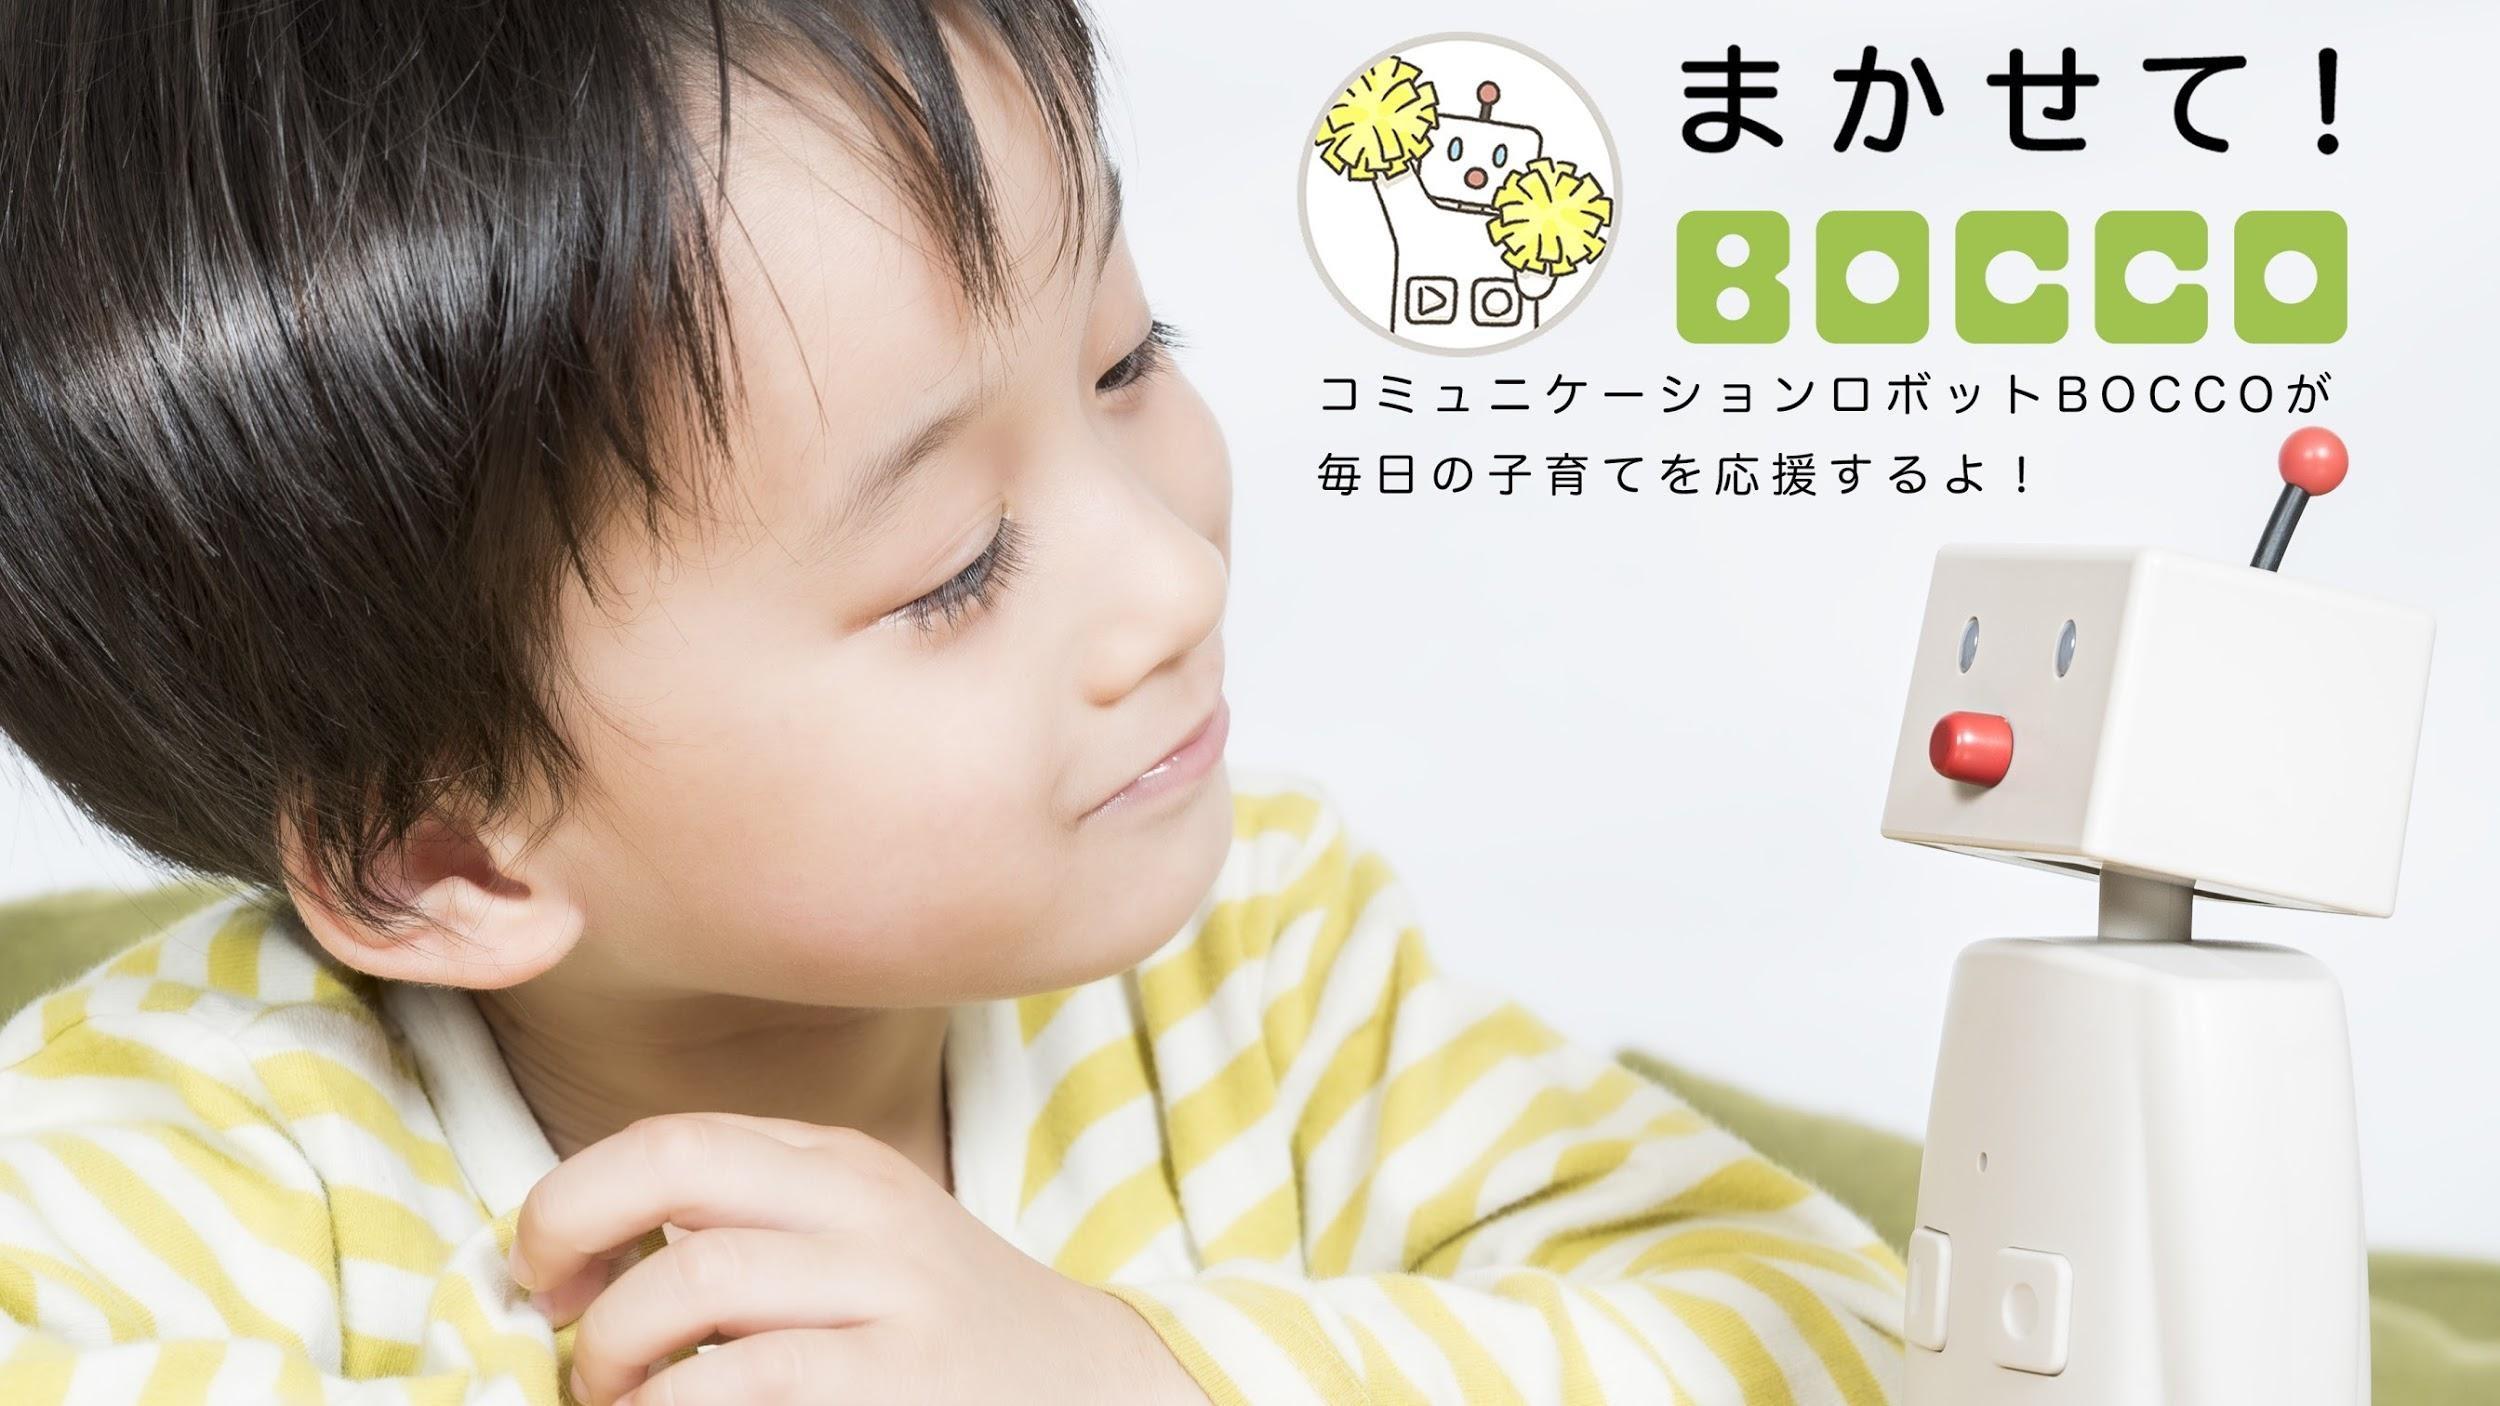 ユカイ工学と東京ガス、家庭用ロボット「BOCCO」で子育て応援サービスを提供